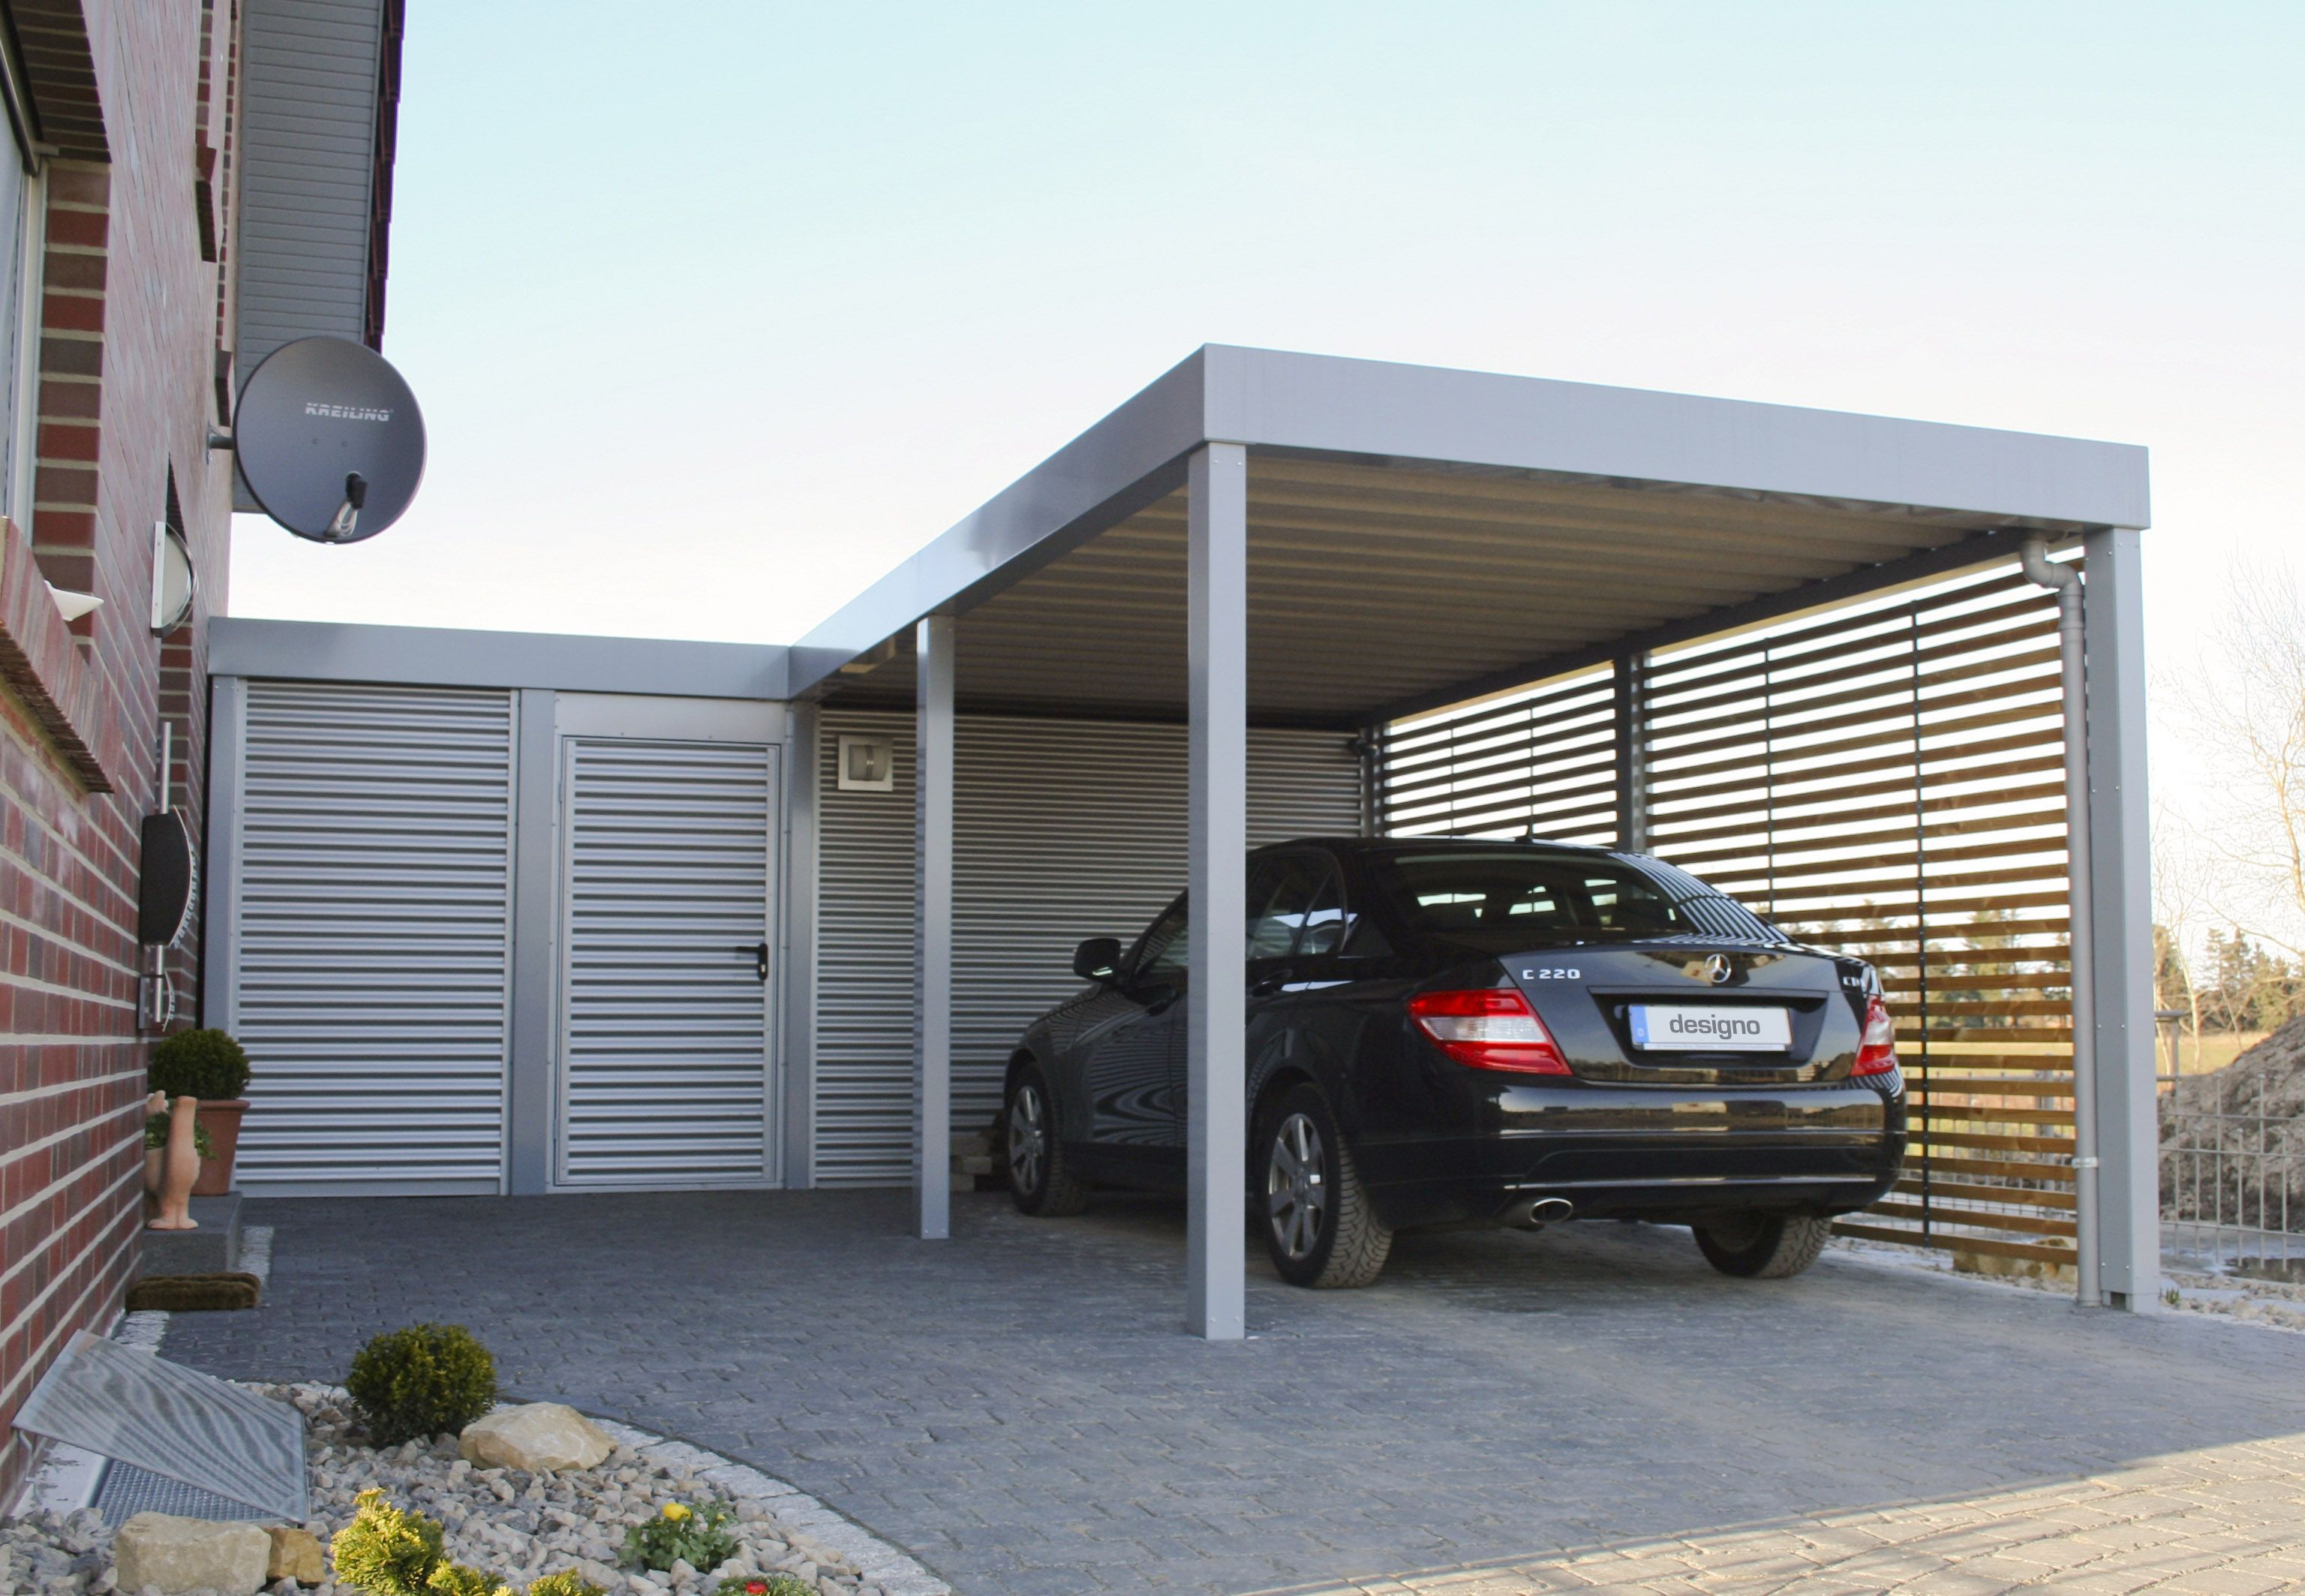 Carport bauen selbst bauen garten wohnen moderne häuser sichtschutz tipps architektur hof ideen